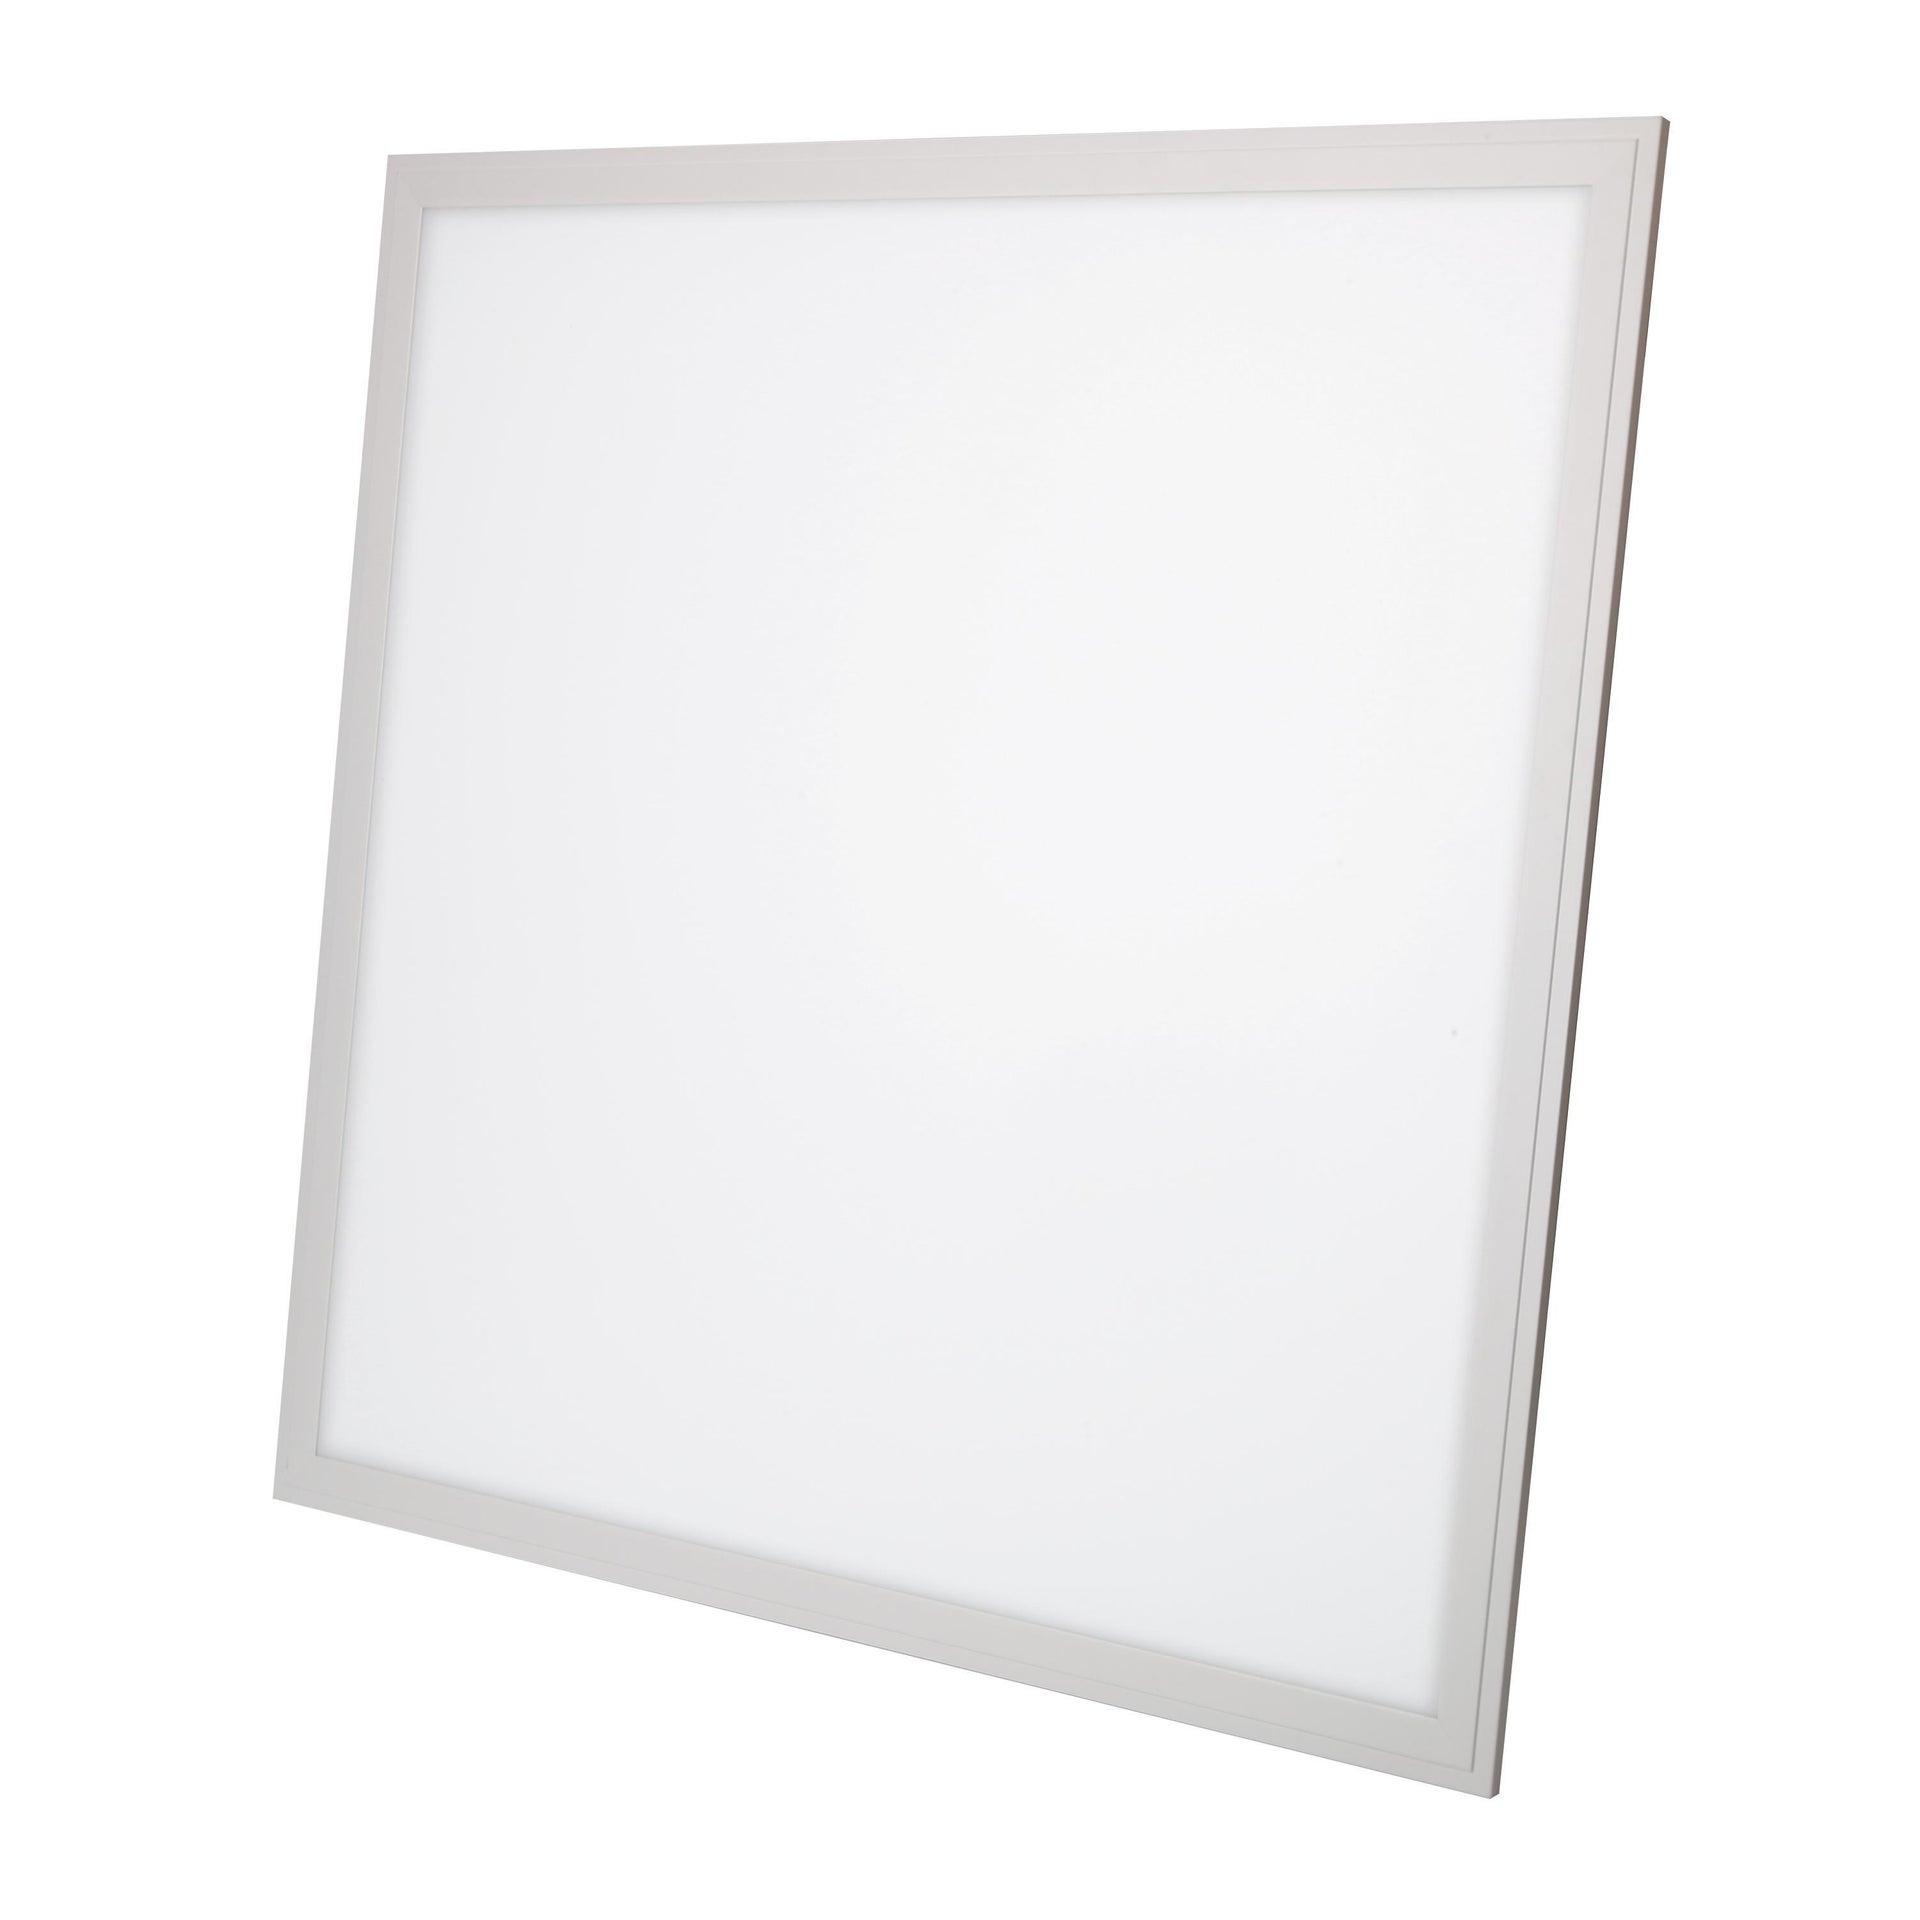 Pannello led PP 60x60 cm bianco naturale, 4350LM - 2